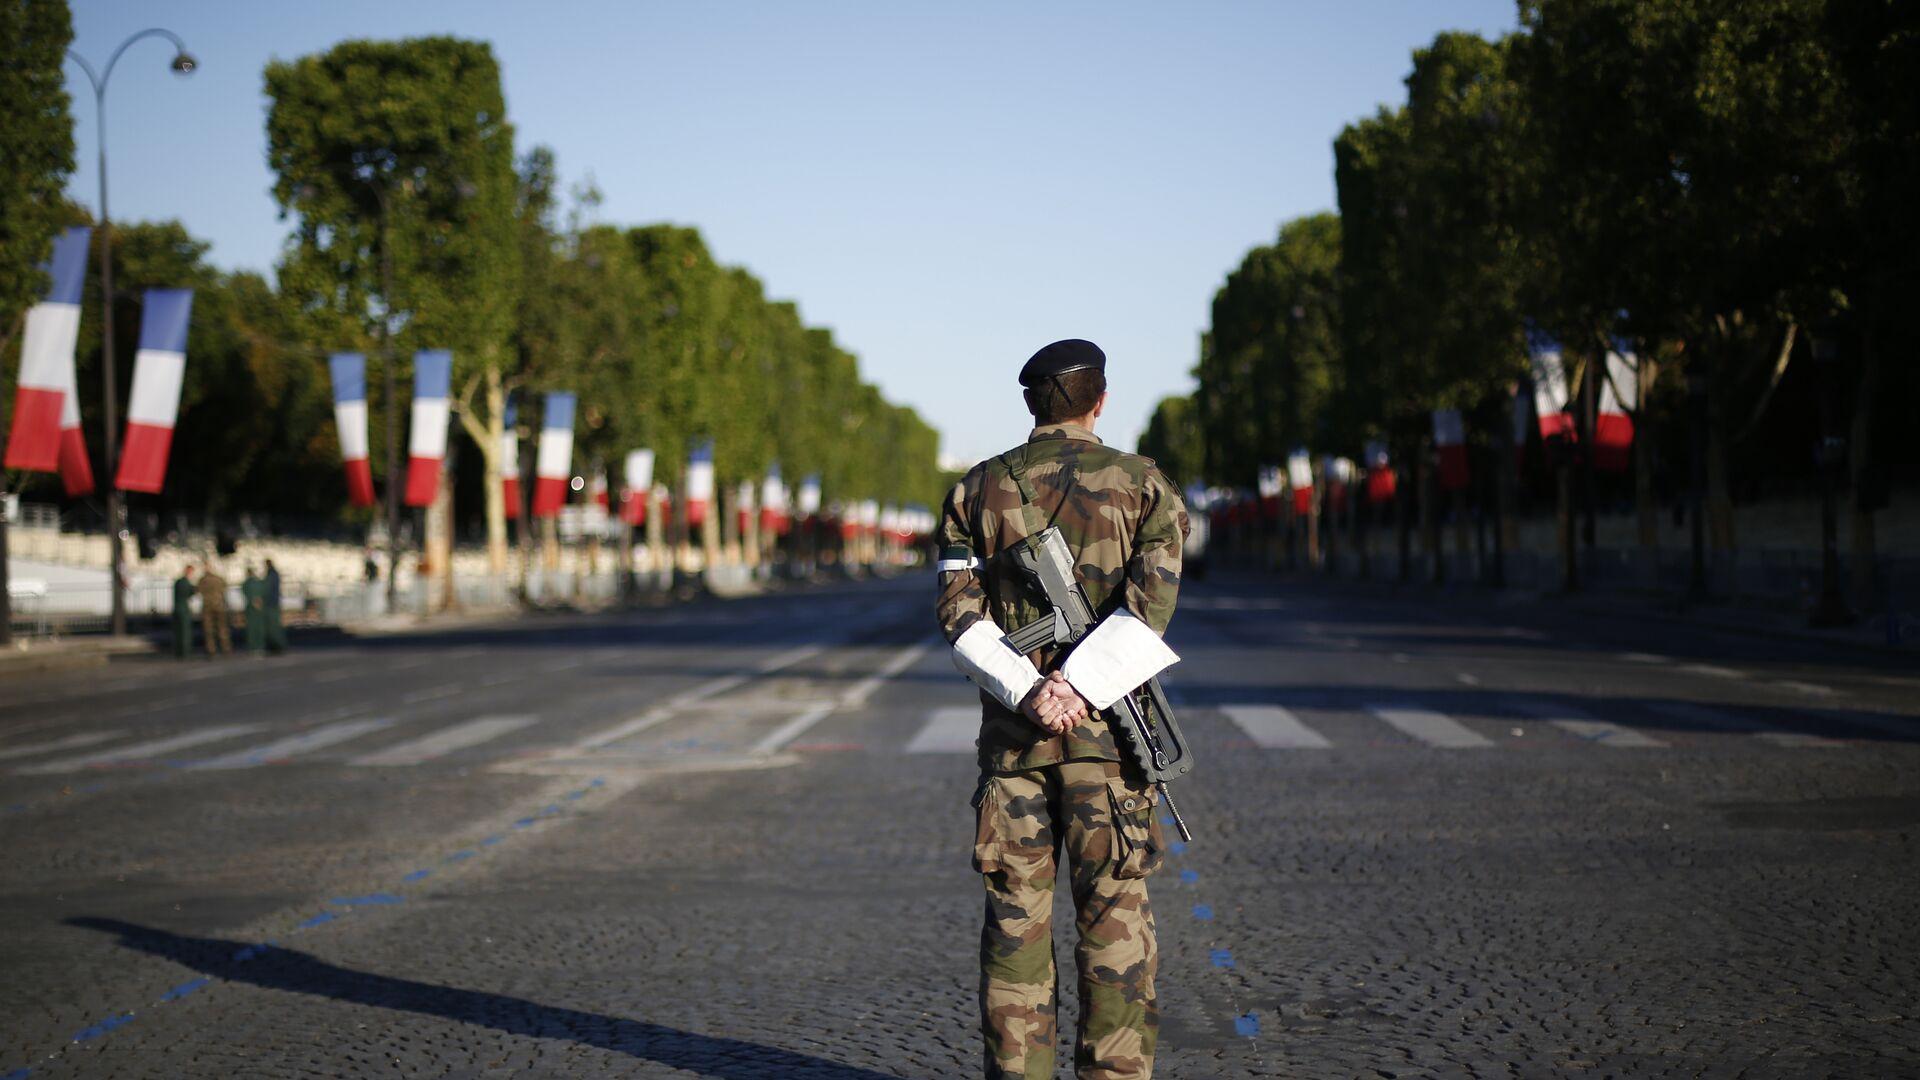 Французский солдат во время военного парада в День взятия Бастилии в Париже  - РИА Новости, 1920, 10.05.2021